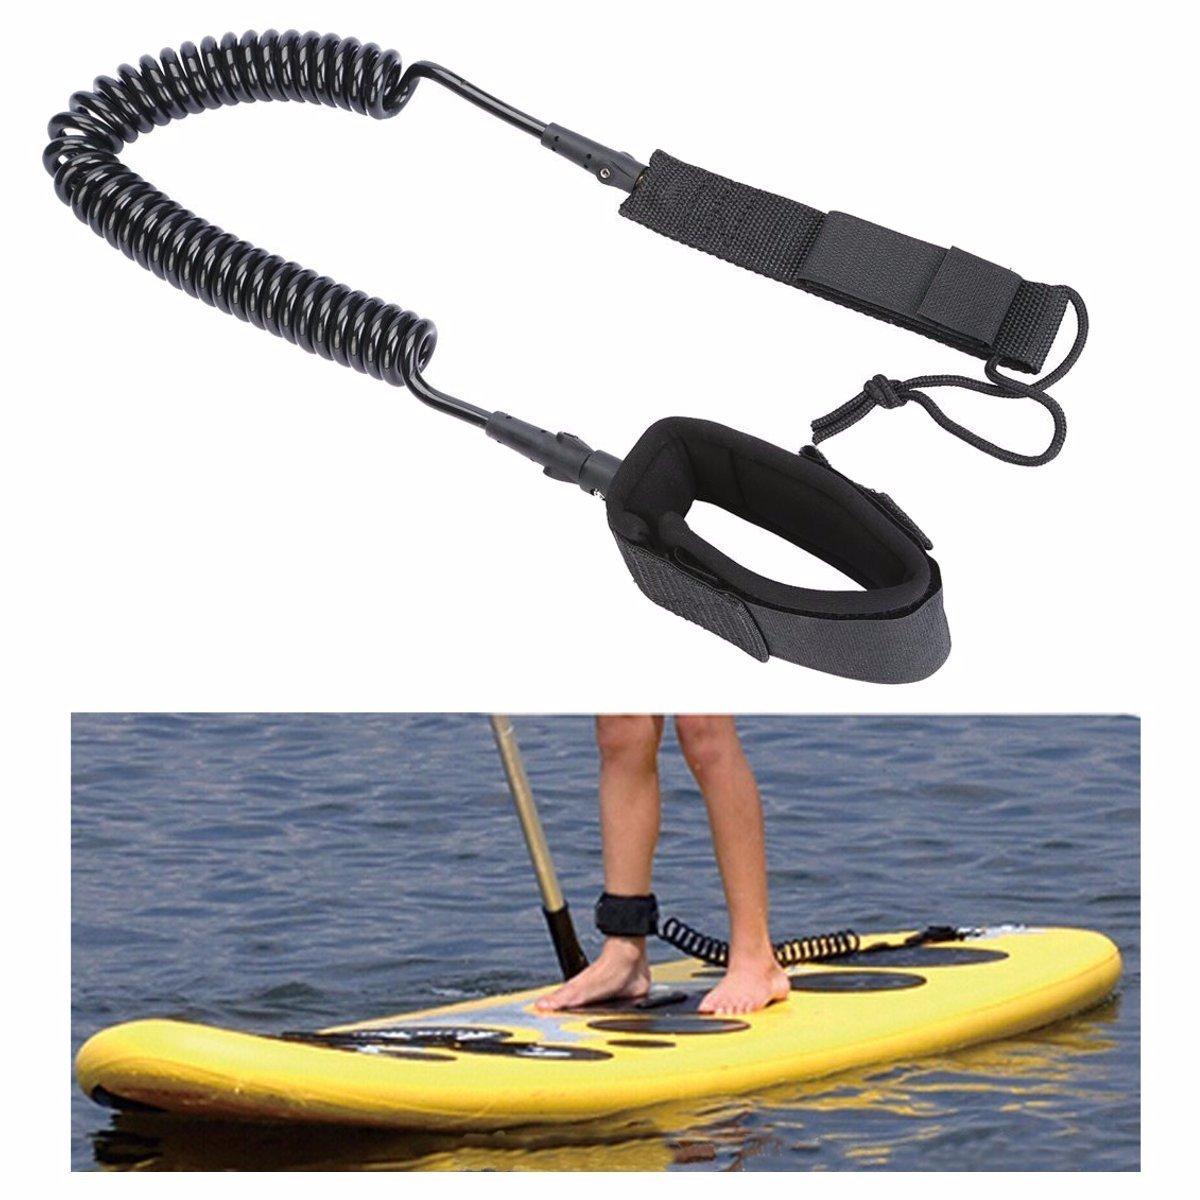 CAMTOA SUP Guinzaglio, Stand Up Paddle Guinzaglio - Tavola da surf piedi guinzaglio di corda Per Sup Surf consiglio, Stand Up Paddle Corda Consiglio, Surf, Tavola da surf